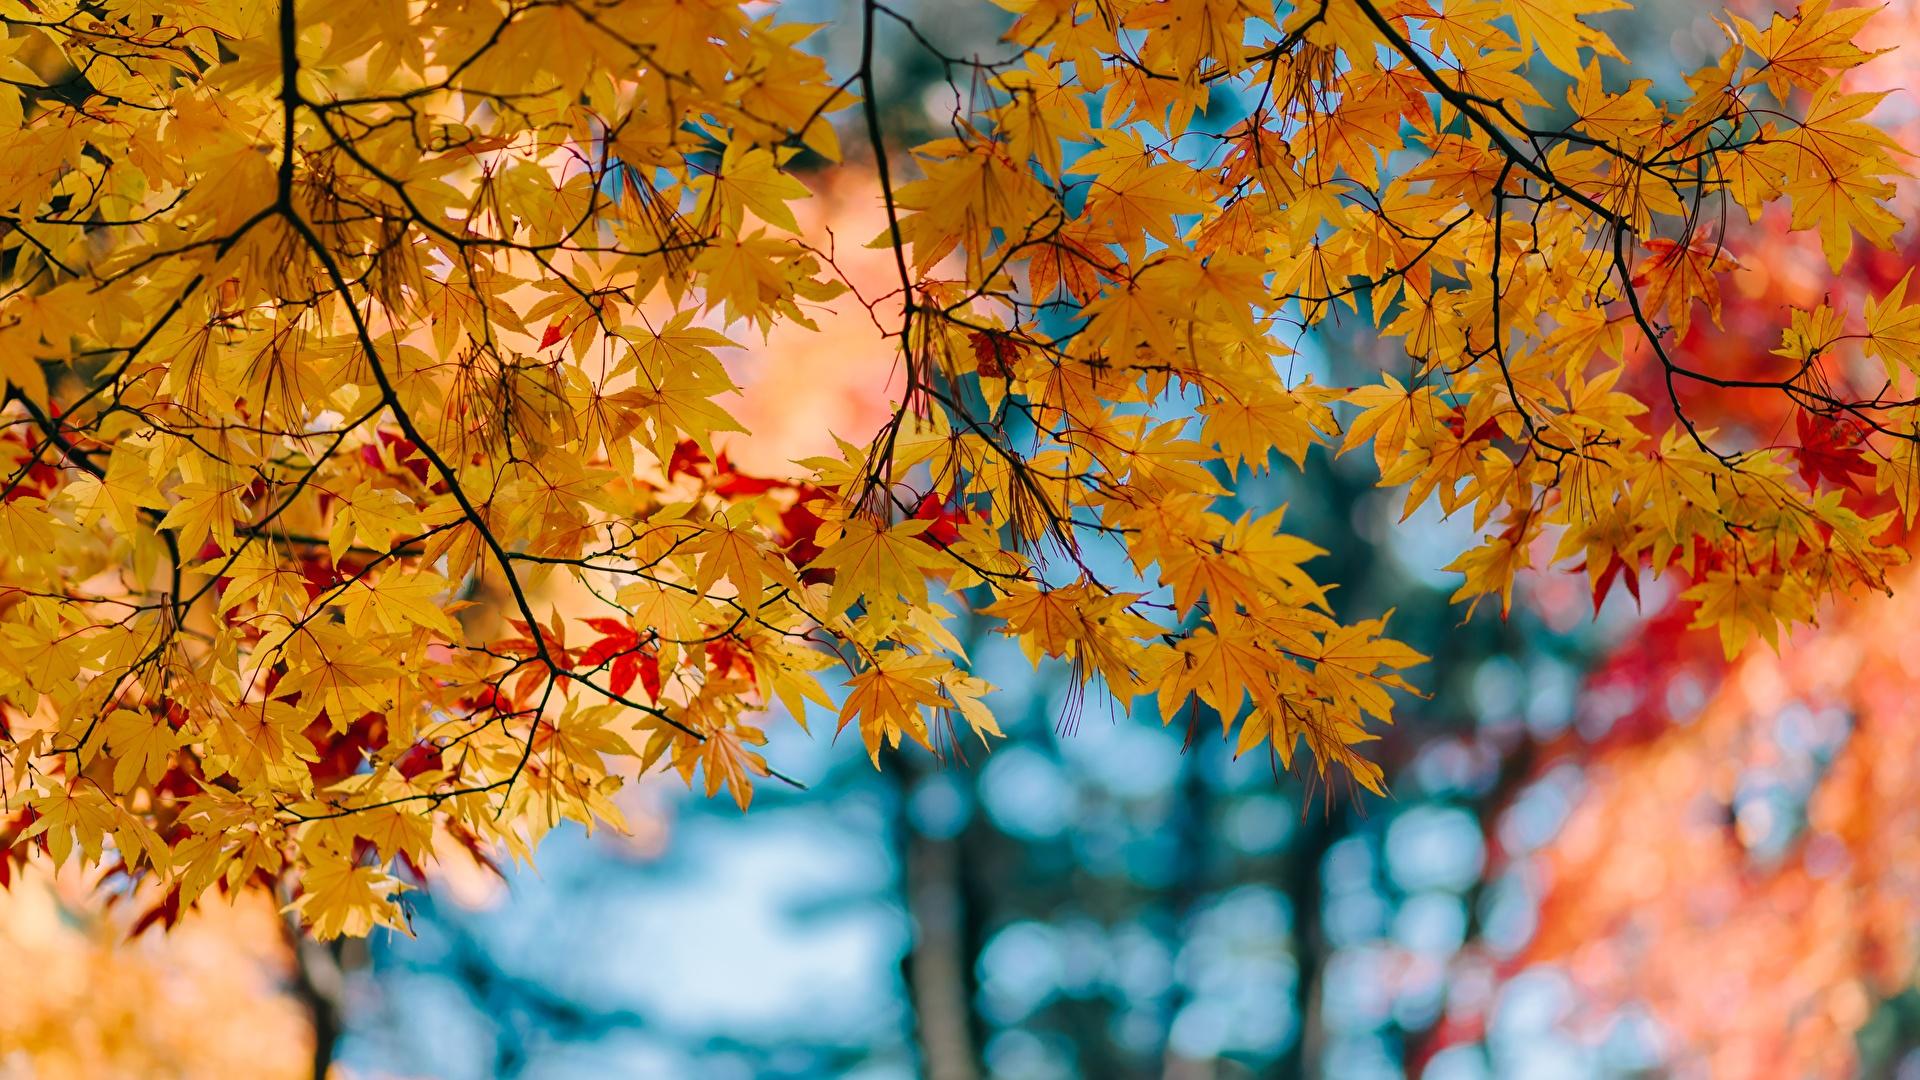 壁紙 1920x1080 秋 木の葉 カエデ 枝 自然 ダウンロード 写真